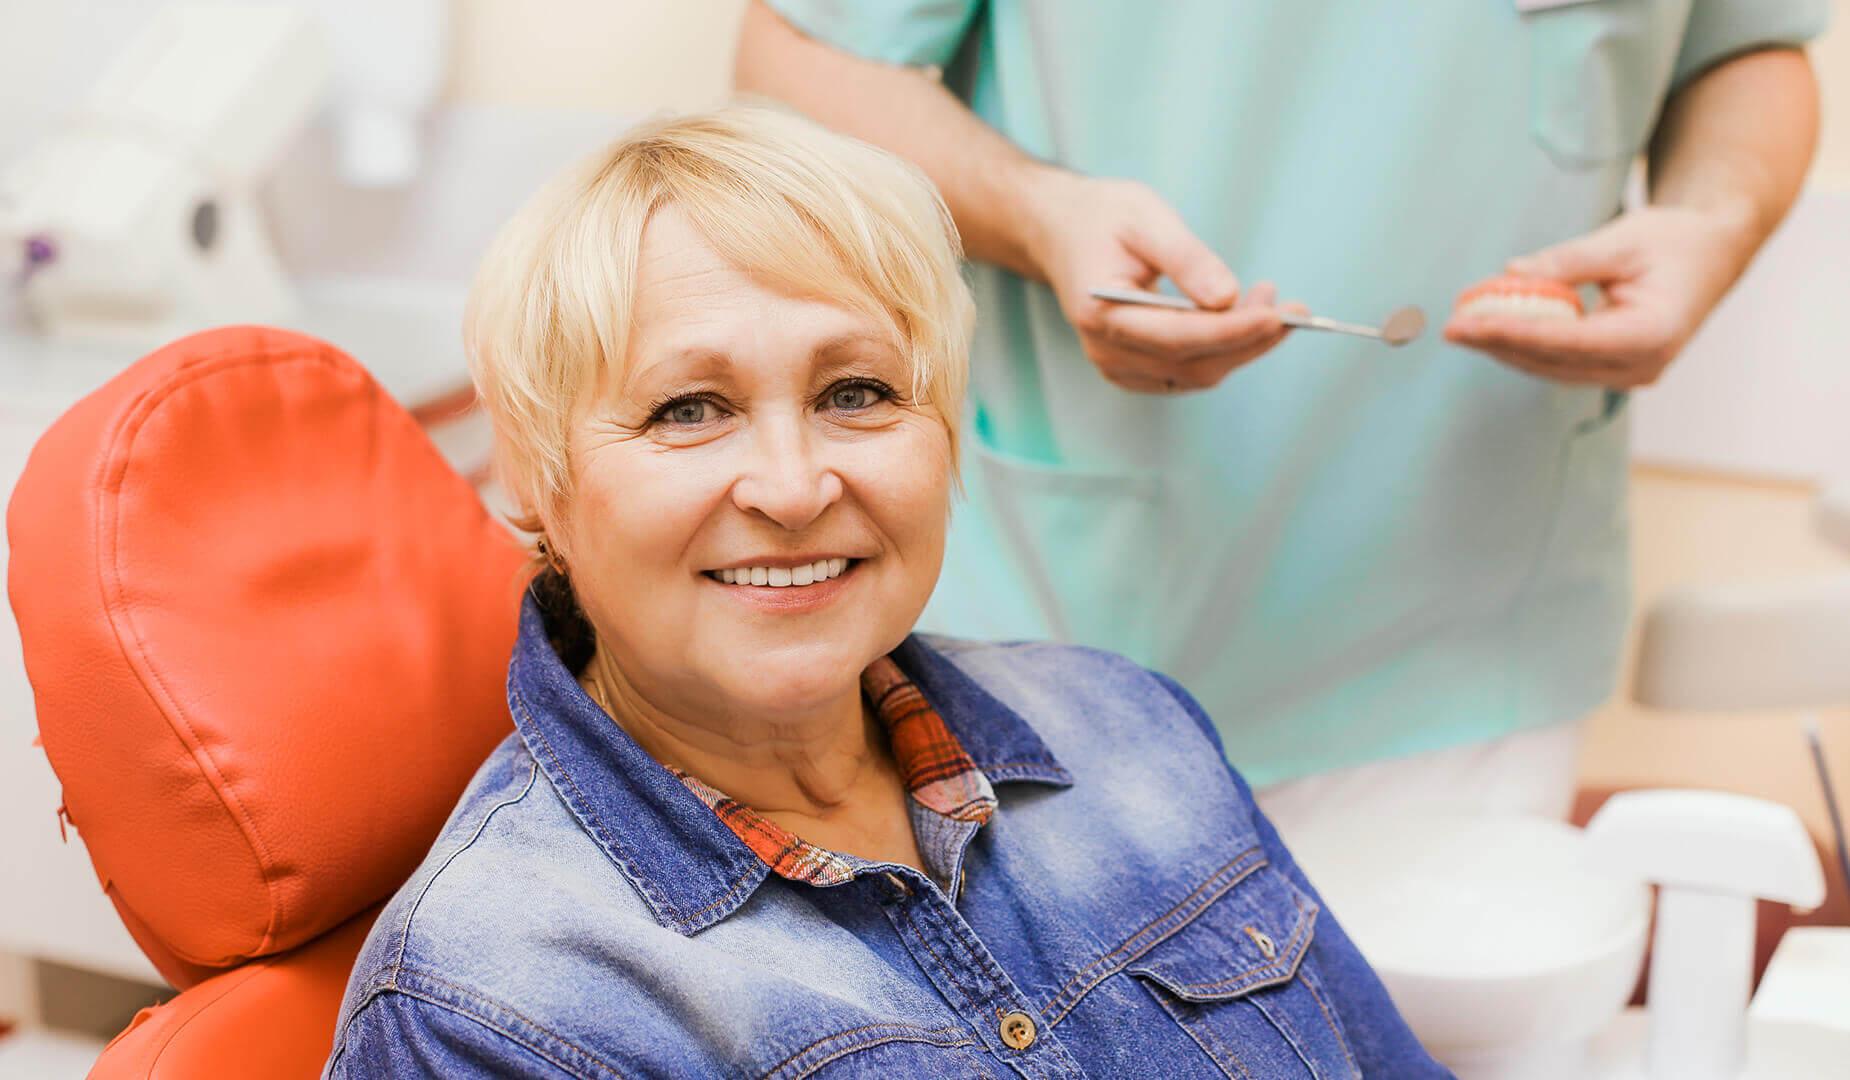 Пациентка демонстрирует свою новую улыбку